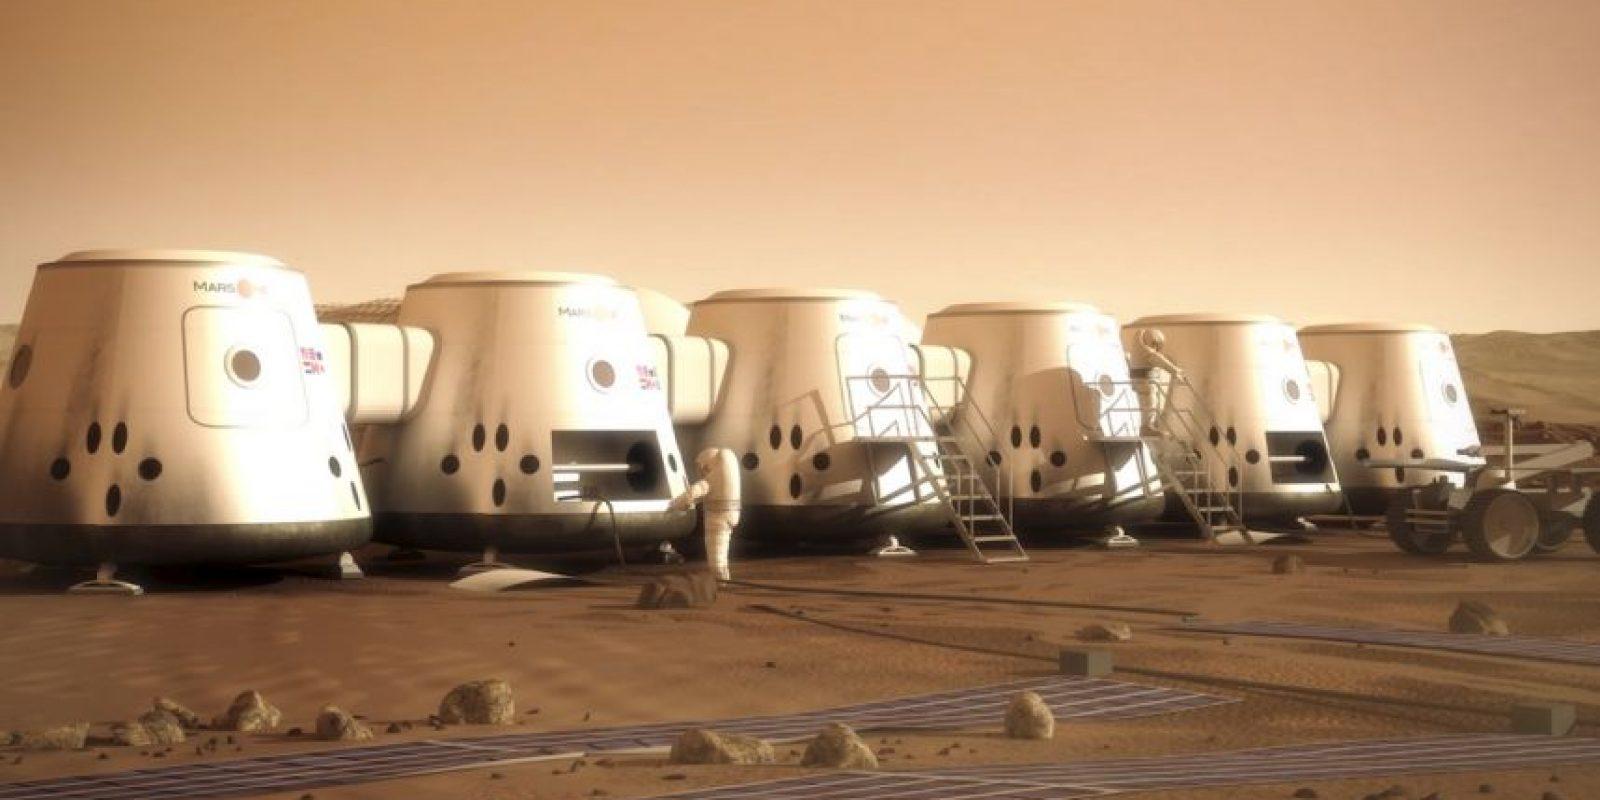 Una nueva tripulación de cuatro personas partirá cada dos años. Foto:Vía facebook.com/MarsOneProject